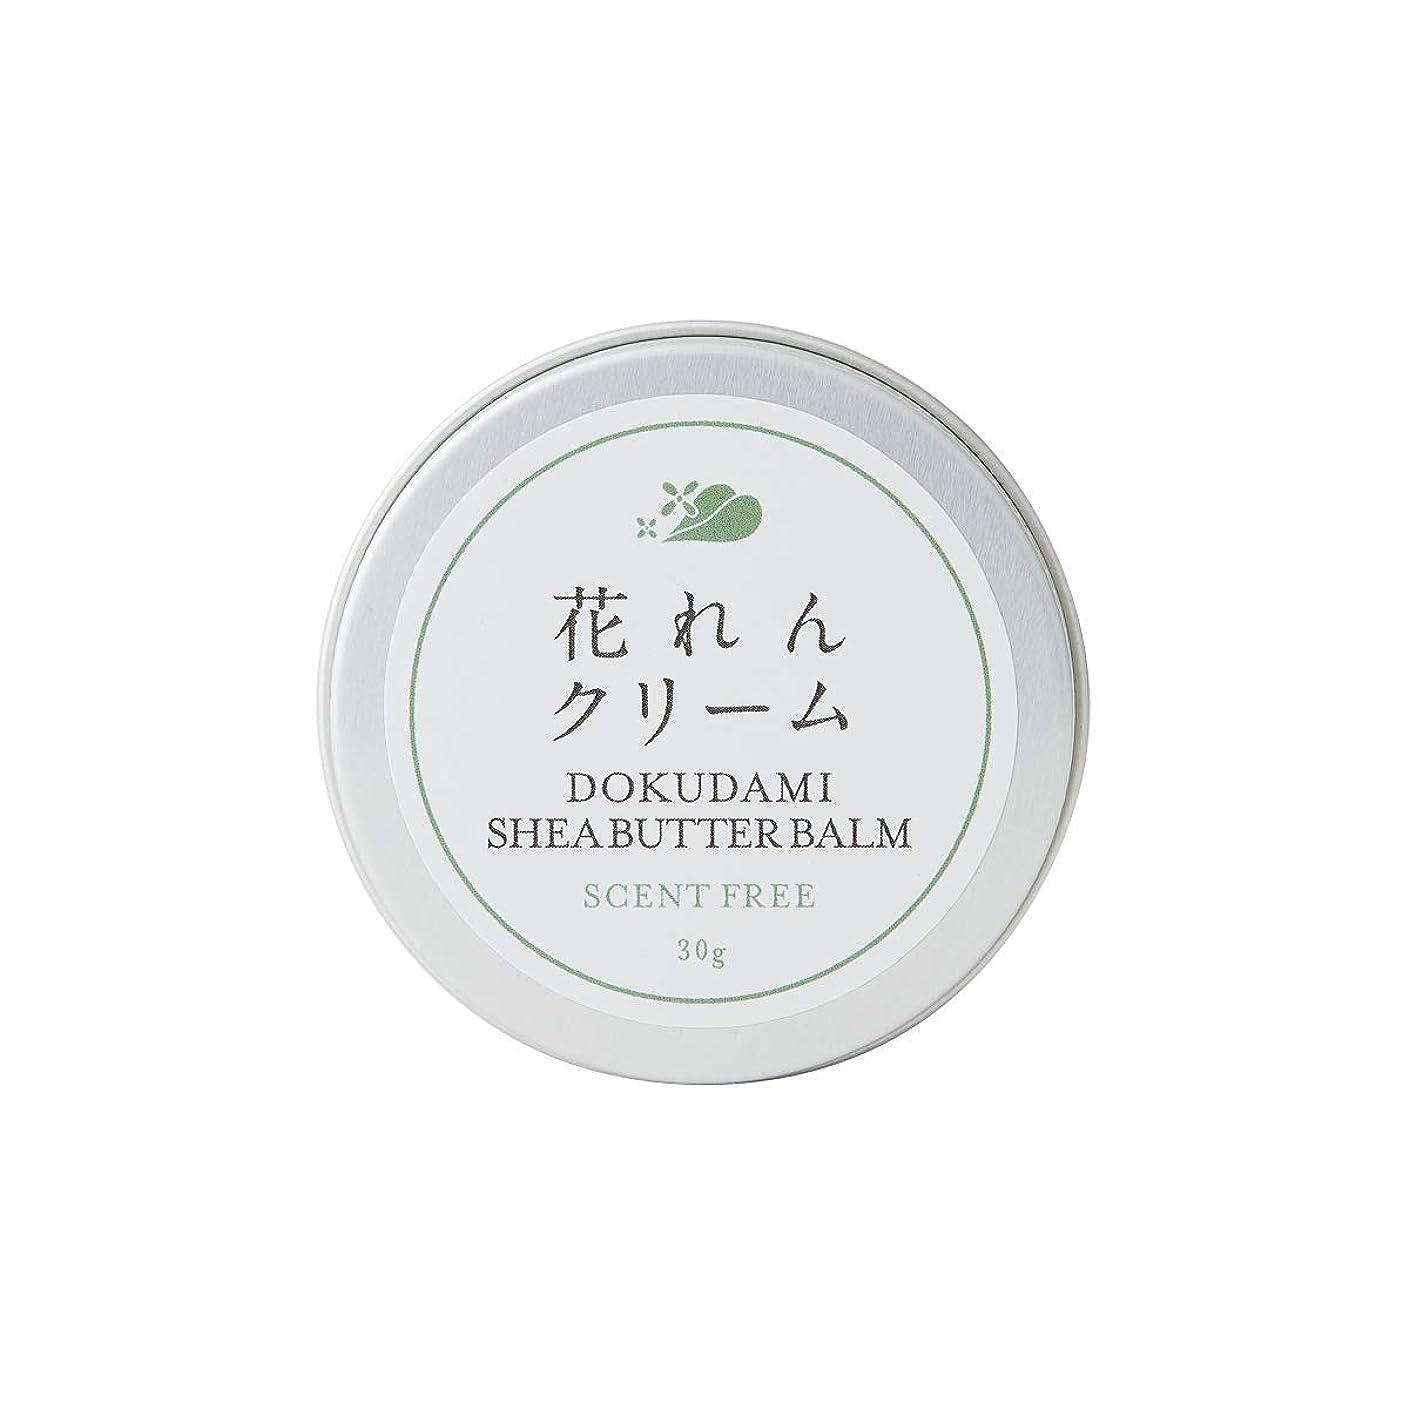 手足分散シンプルさどくだみシアバタークリーム(ハードタイプ?無香料) 30g